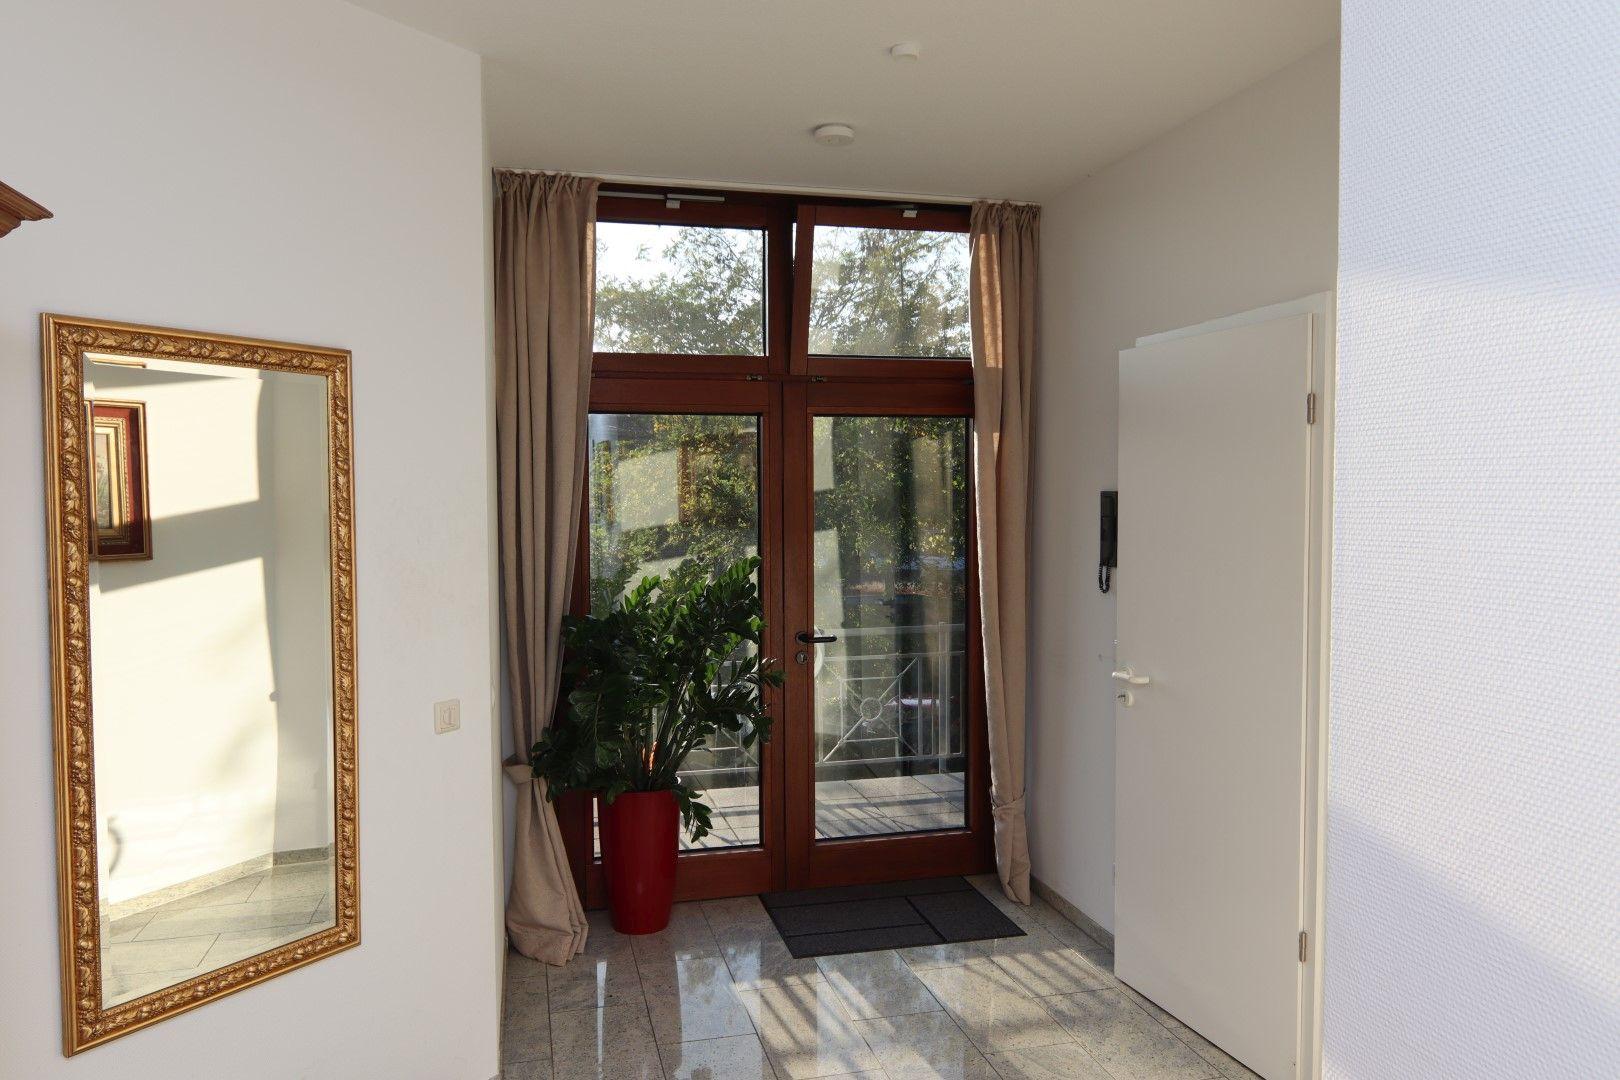 Immobilie Nr.0275 - 4-Raum-Deluxe-Wohnung mit Aufzug, Dachterrasse u. Garage - Bild 7.jpg